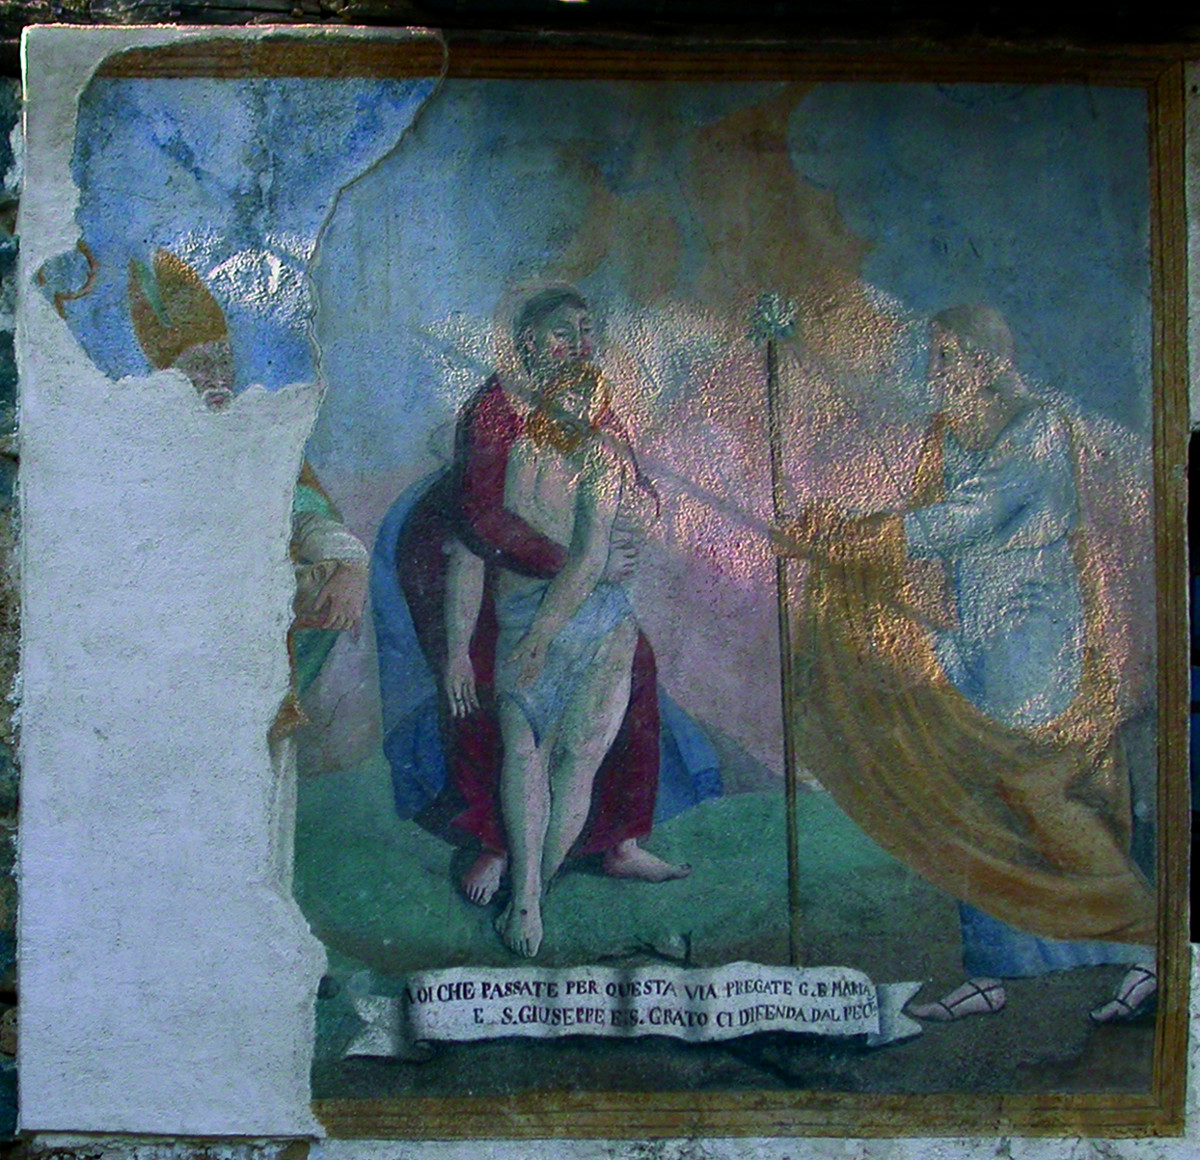 <b>Deposizione</b><br />(Camandona, fraz. Cerale, via S. Falletti 30)